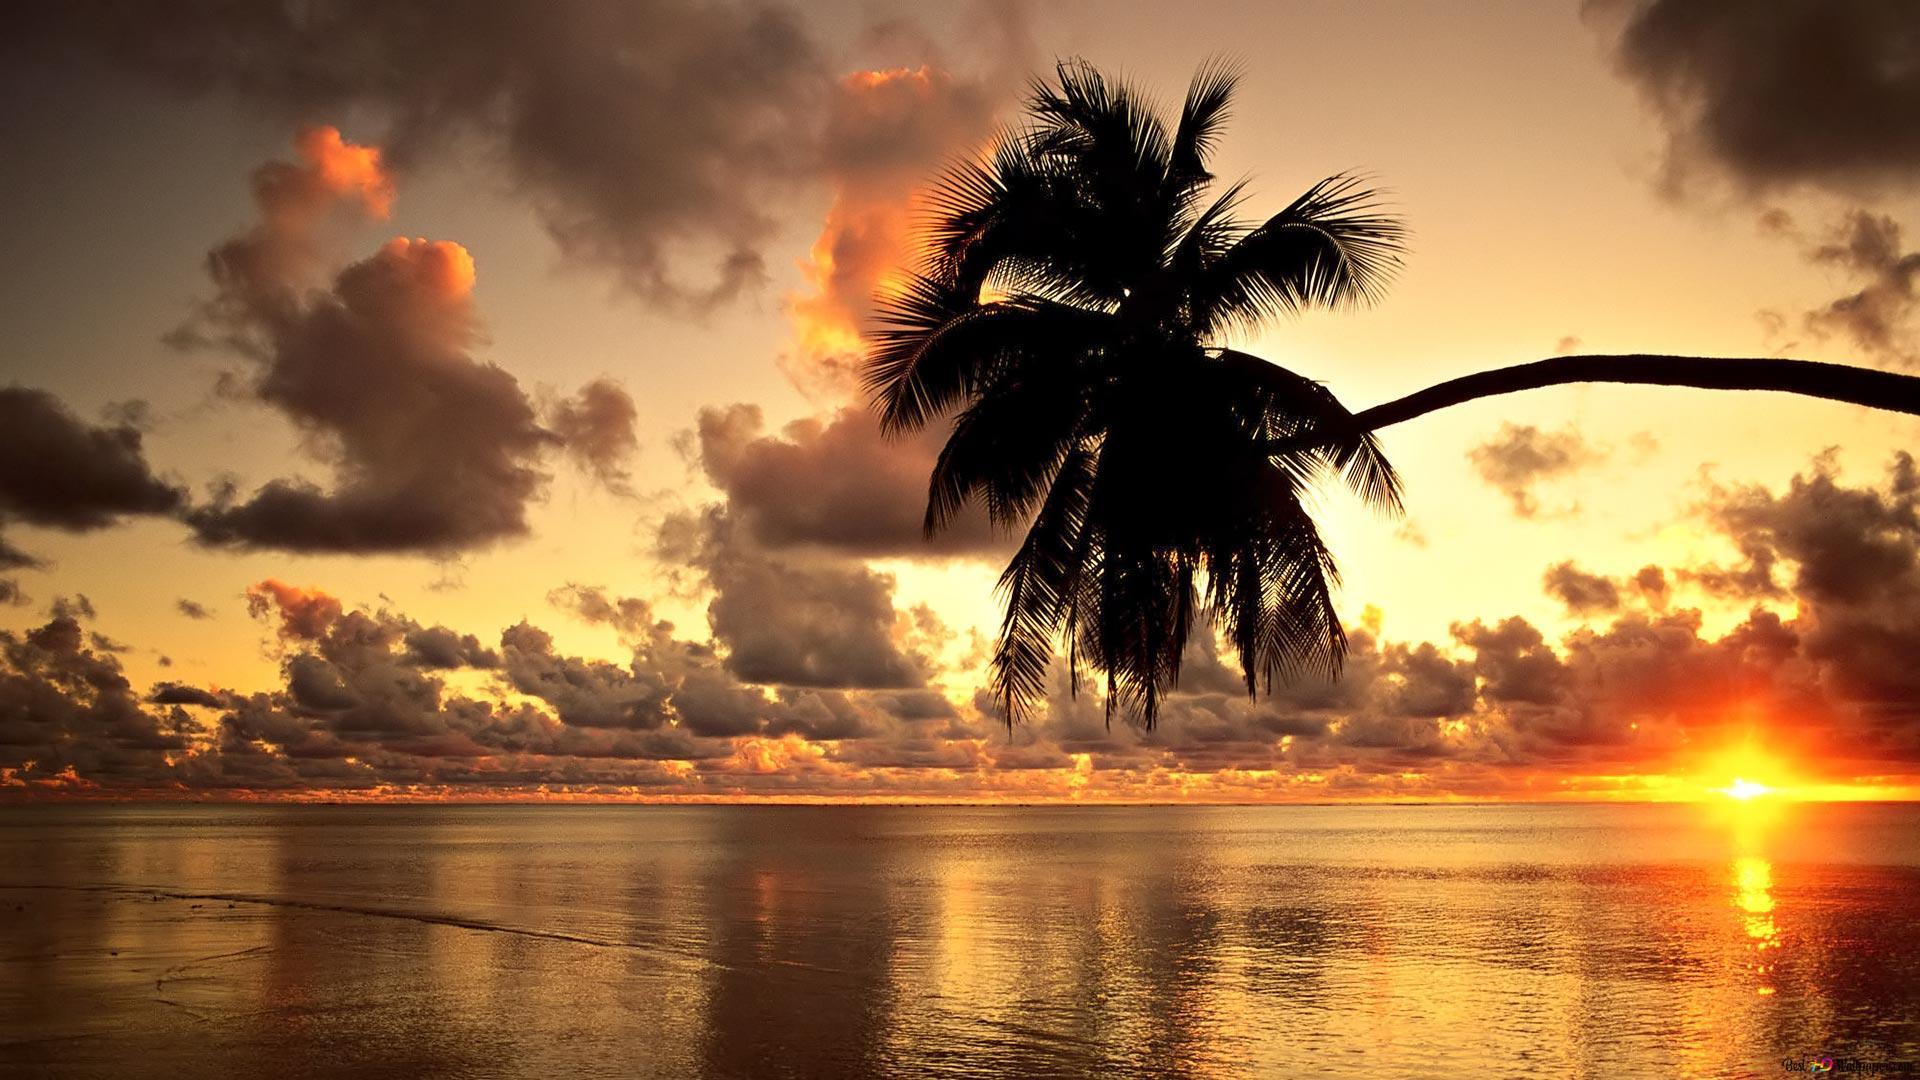 ハワイのビーチの夕日 Hd壁紙のダウンロード